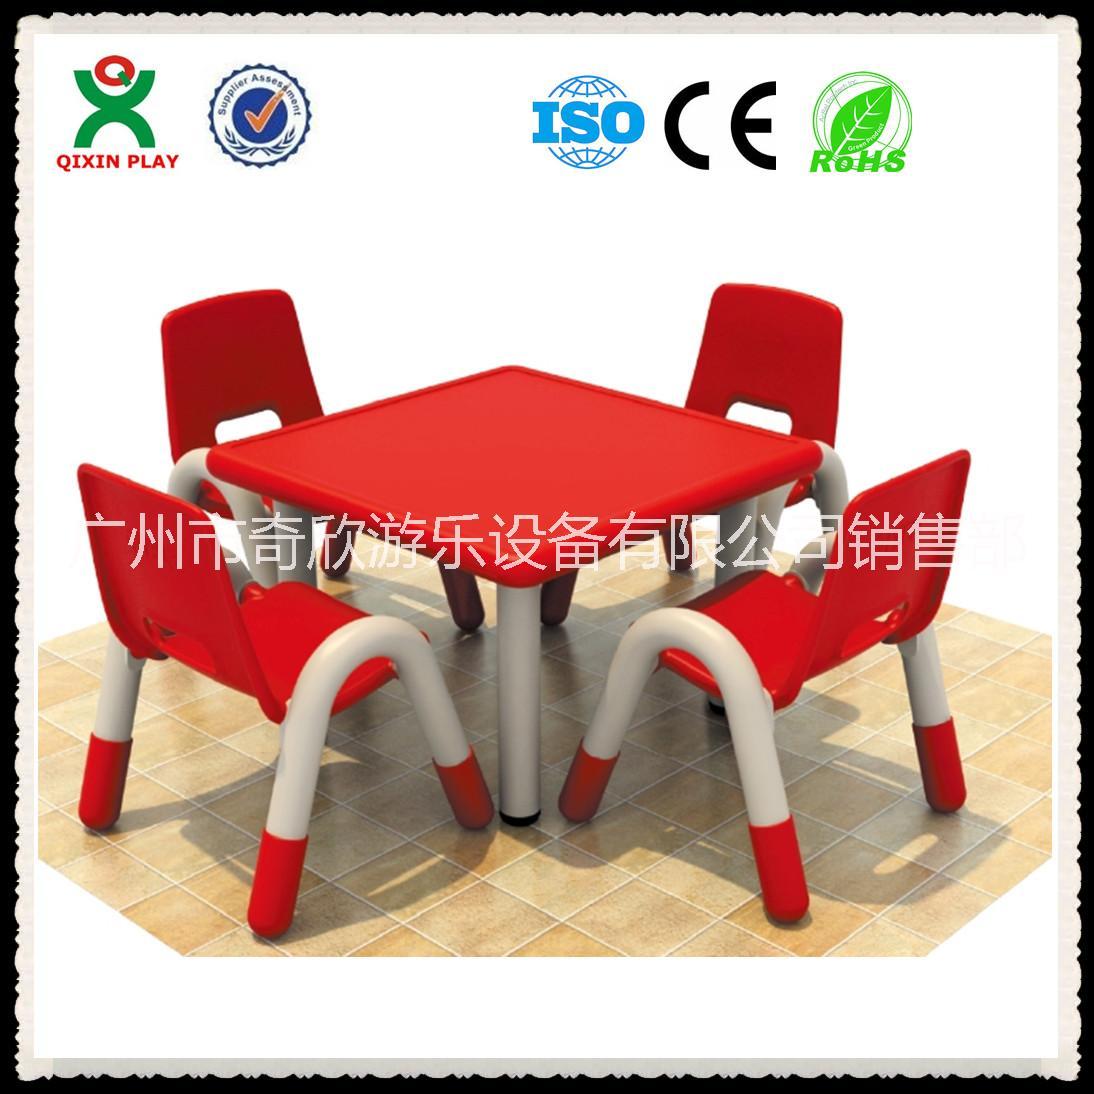 供应儿童塑料小方桌/幼儿园游乐设施/幼儿园配套设施/幼儿园桌椅/早教